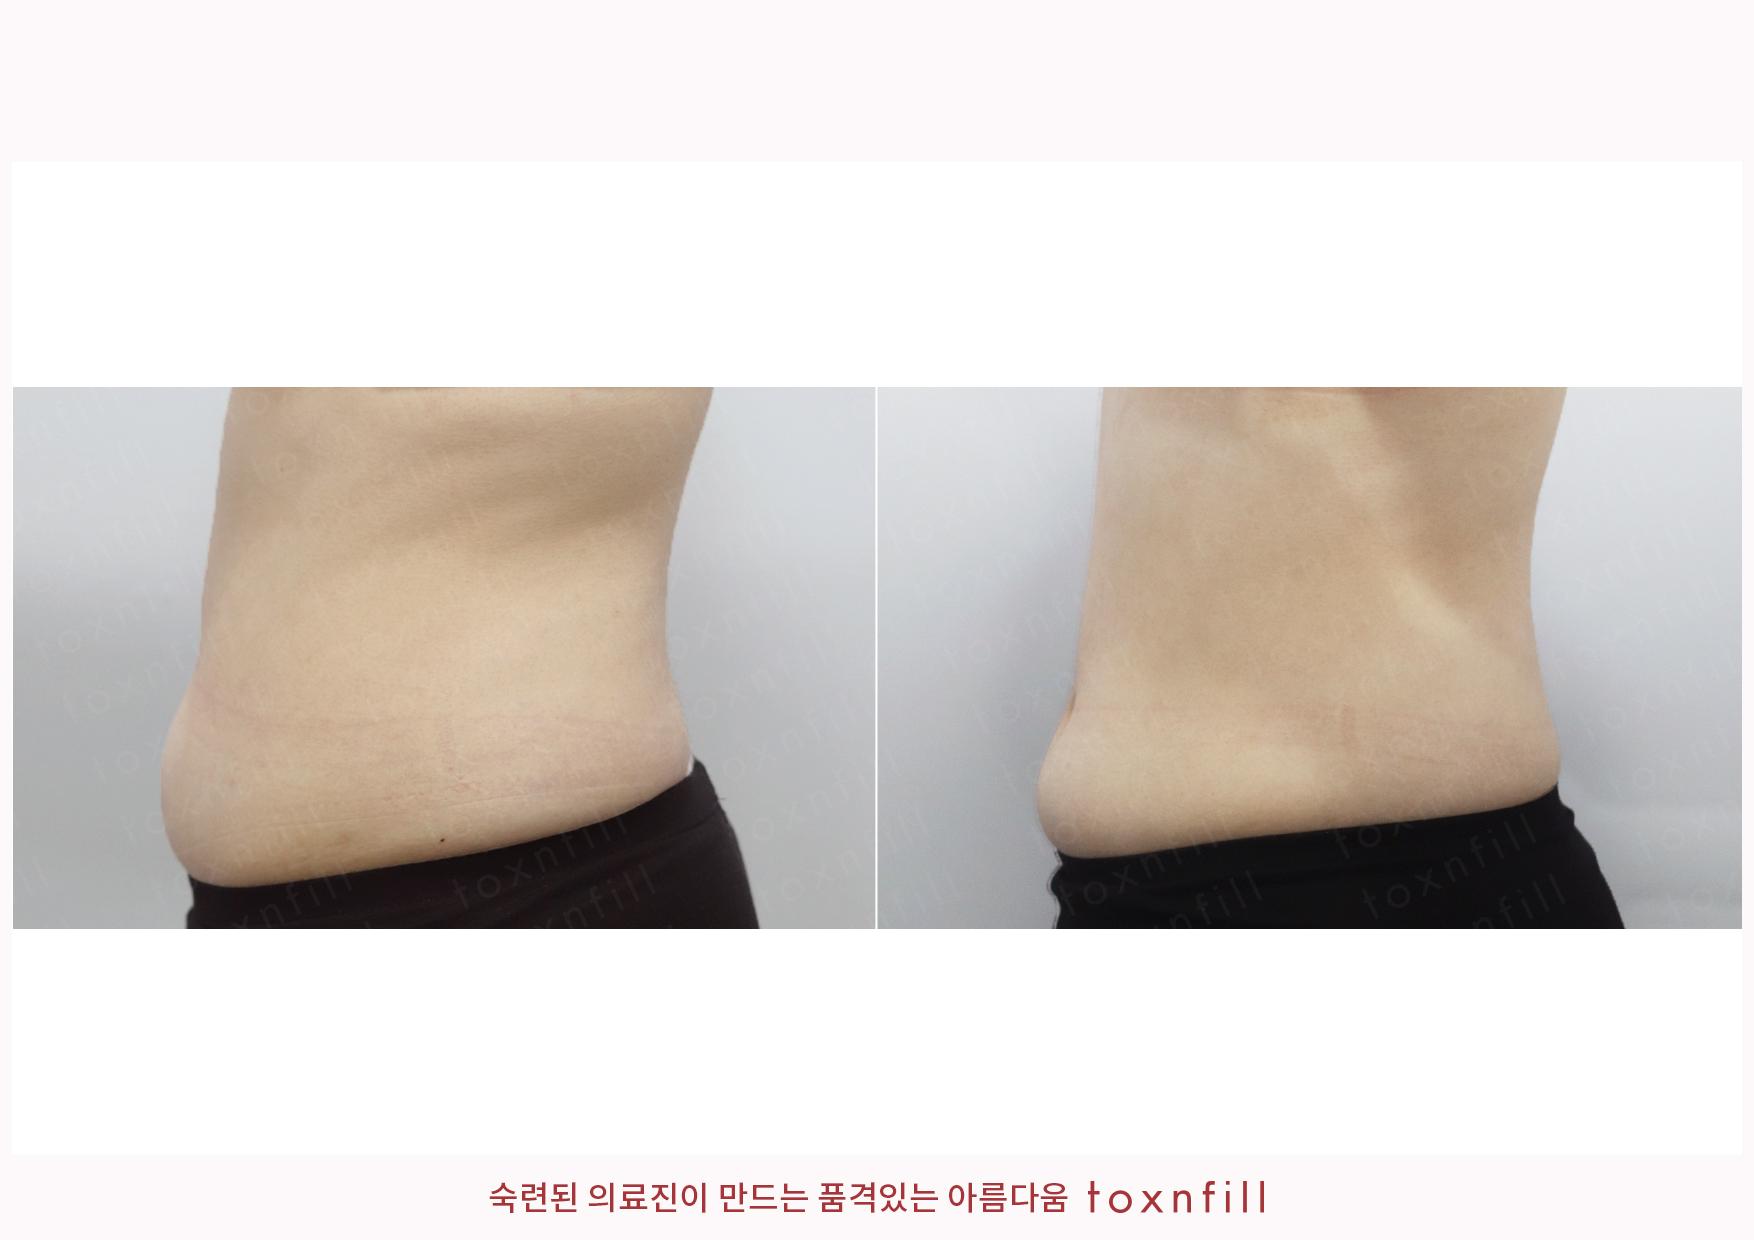 복부 톡팻주사 시술전후